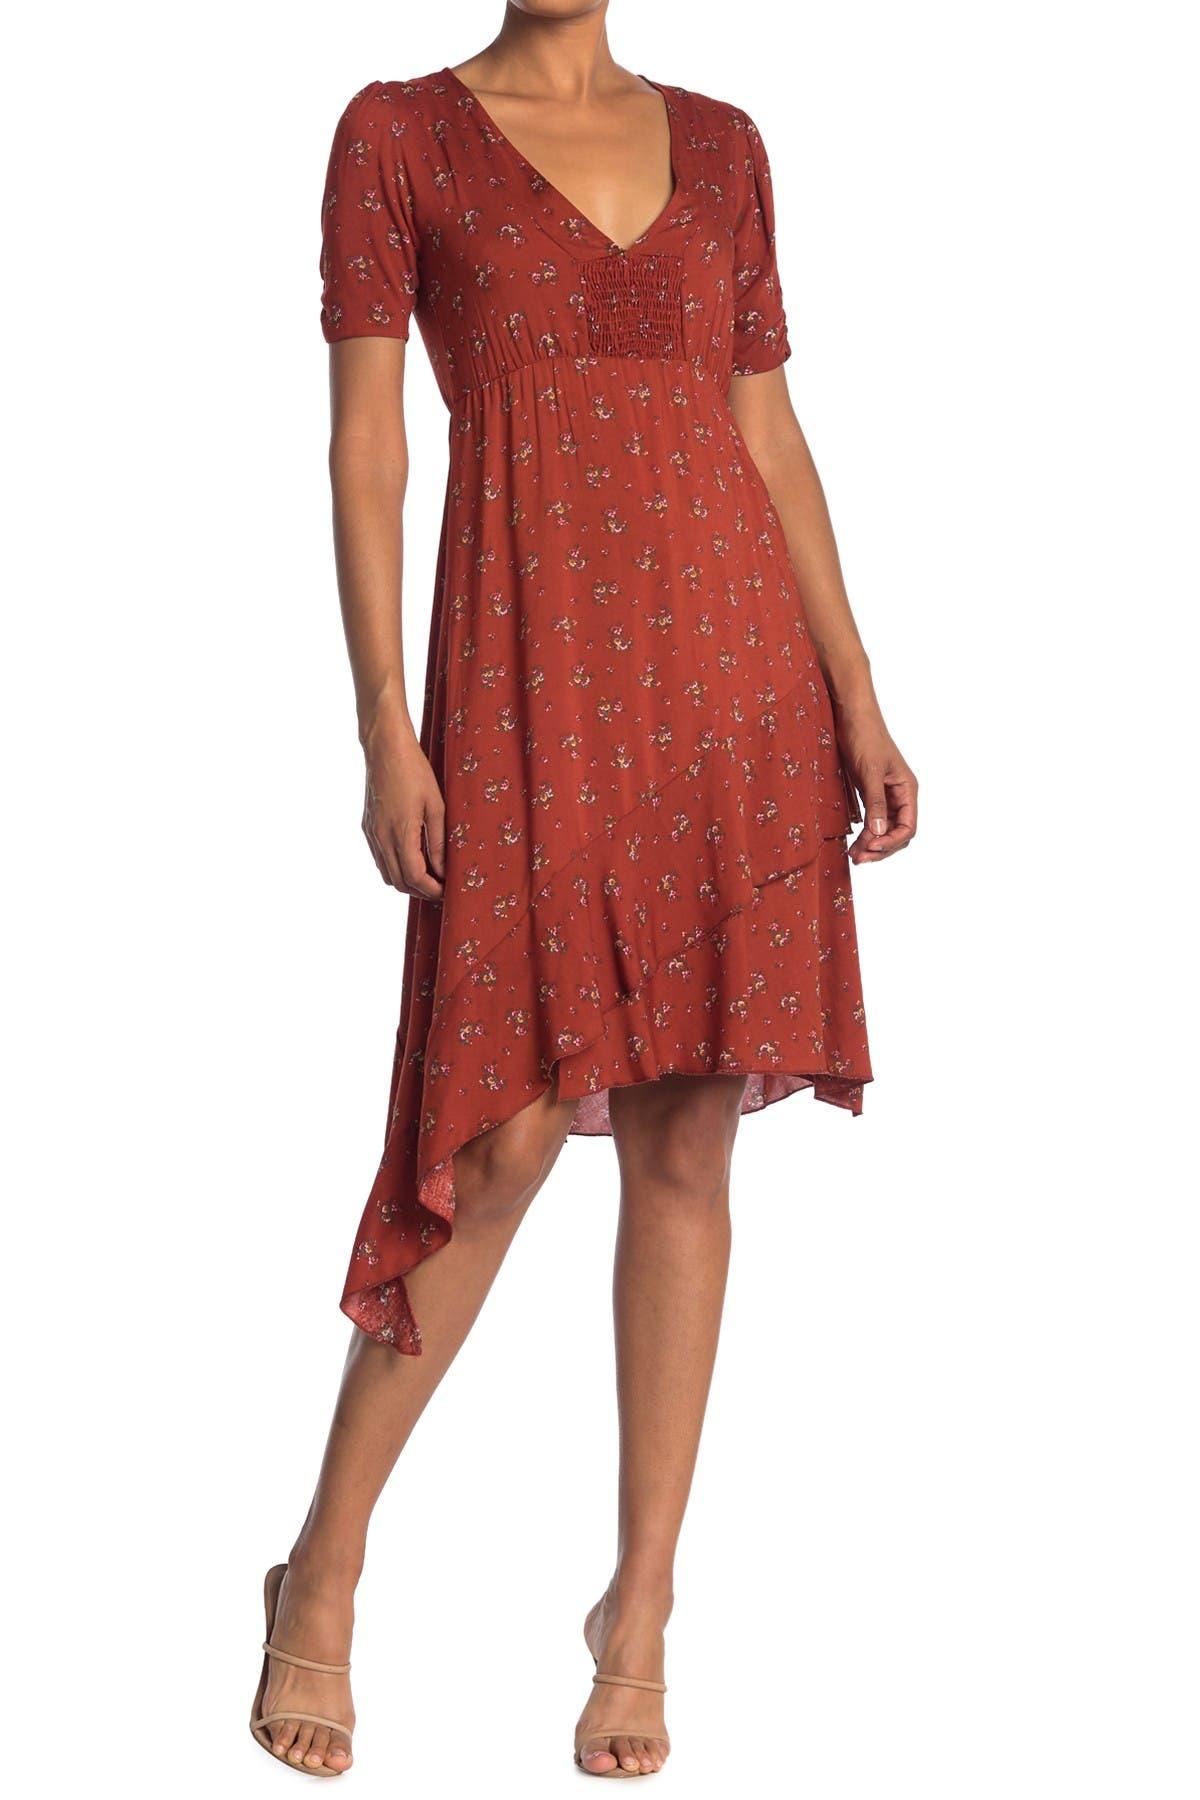 Image of Velvet Torch Smocked Front Side Ruffle V-Neck Midi Dress